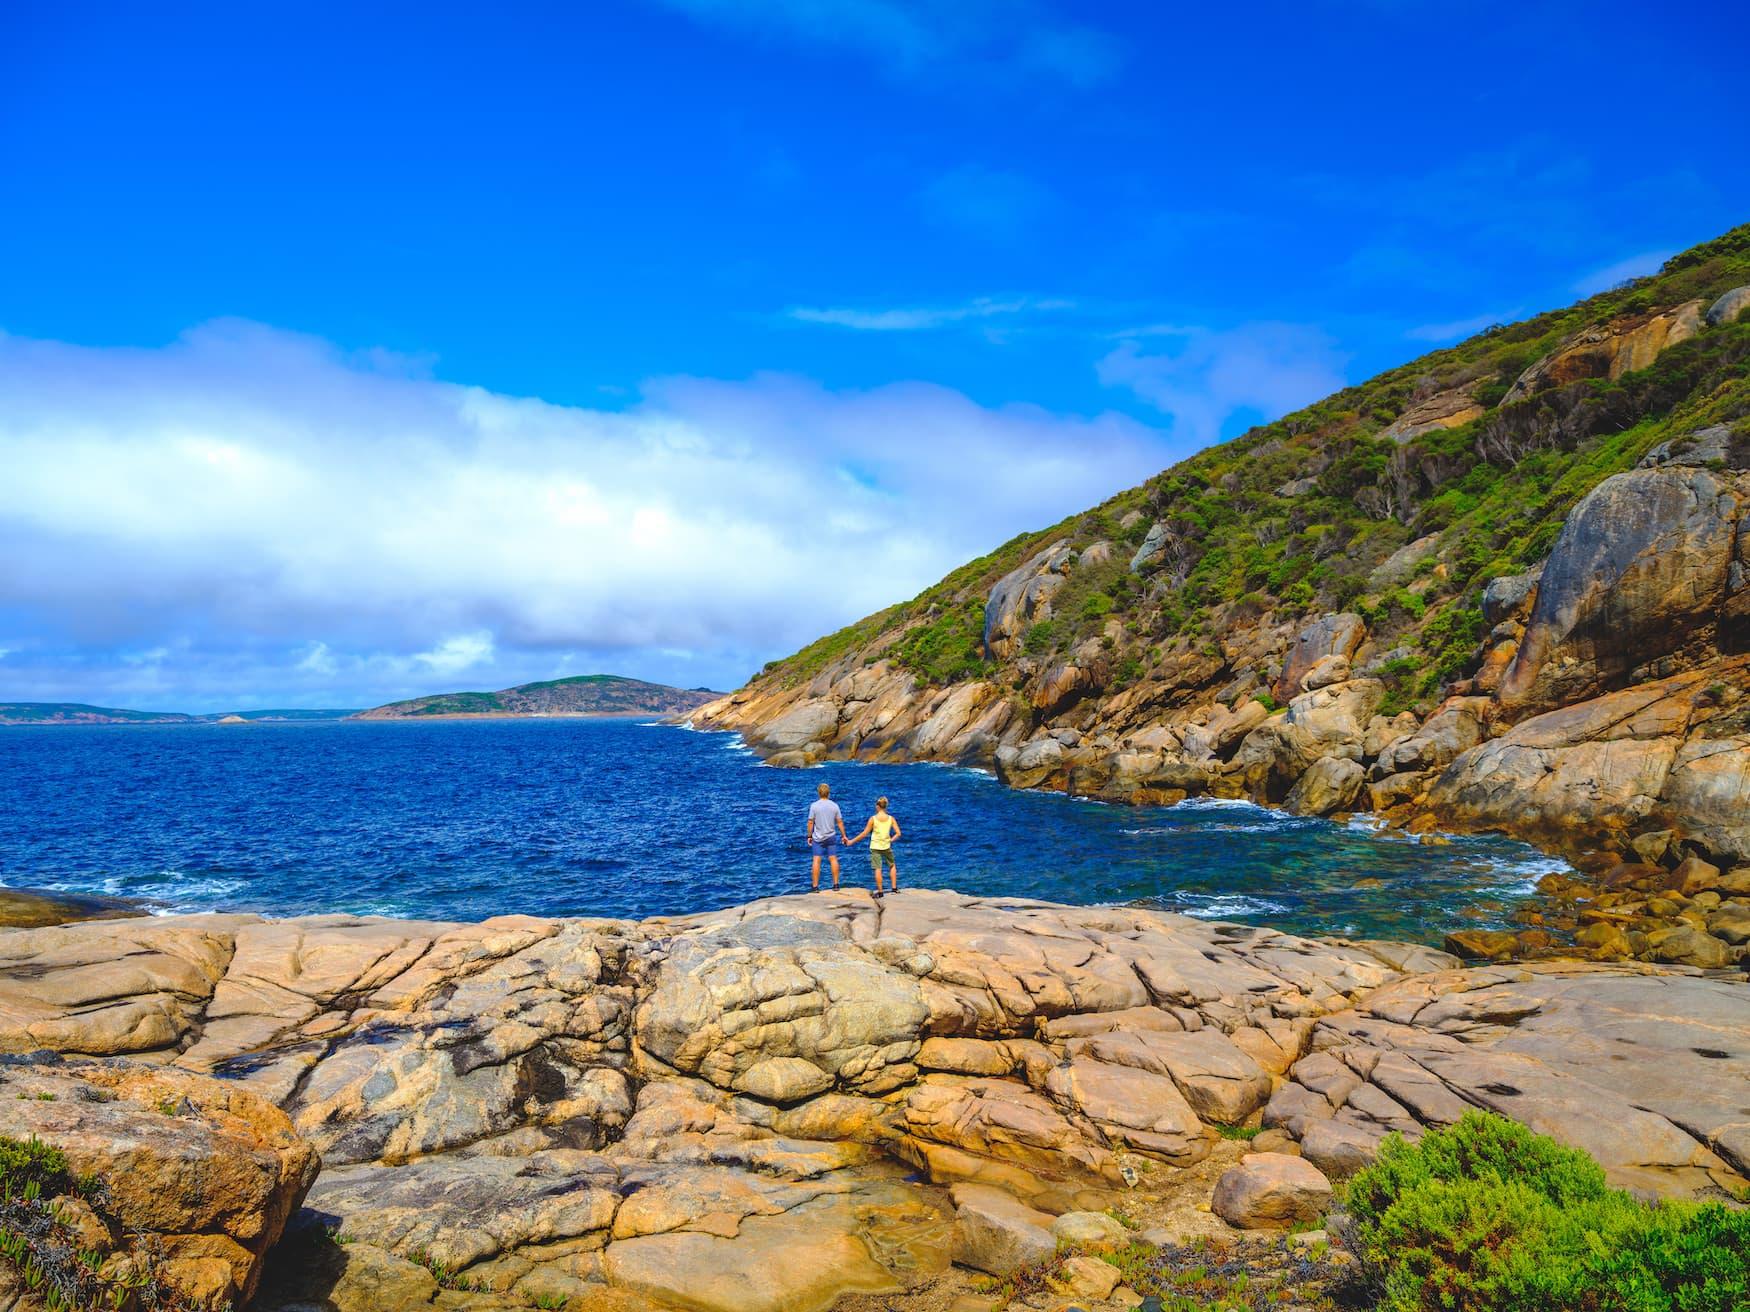 Inselparadiese in Westaustralien: Felsige Landschaft vor der Küste von Woody Island